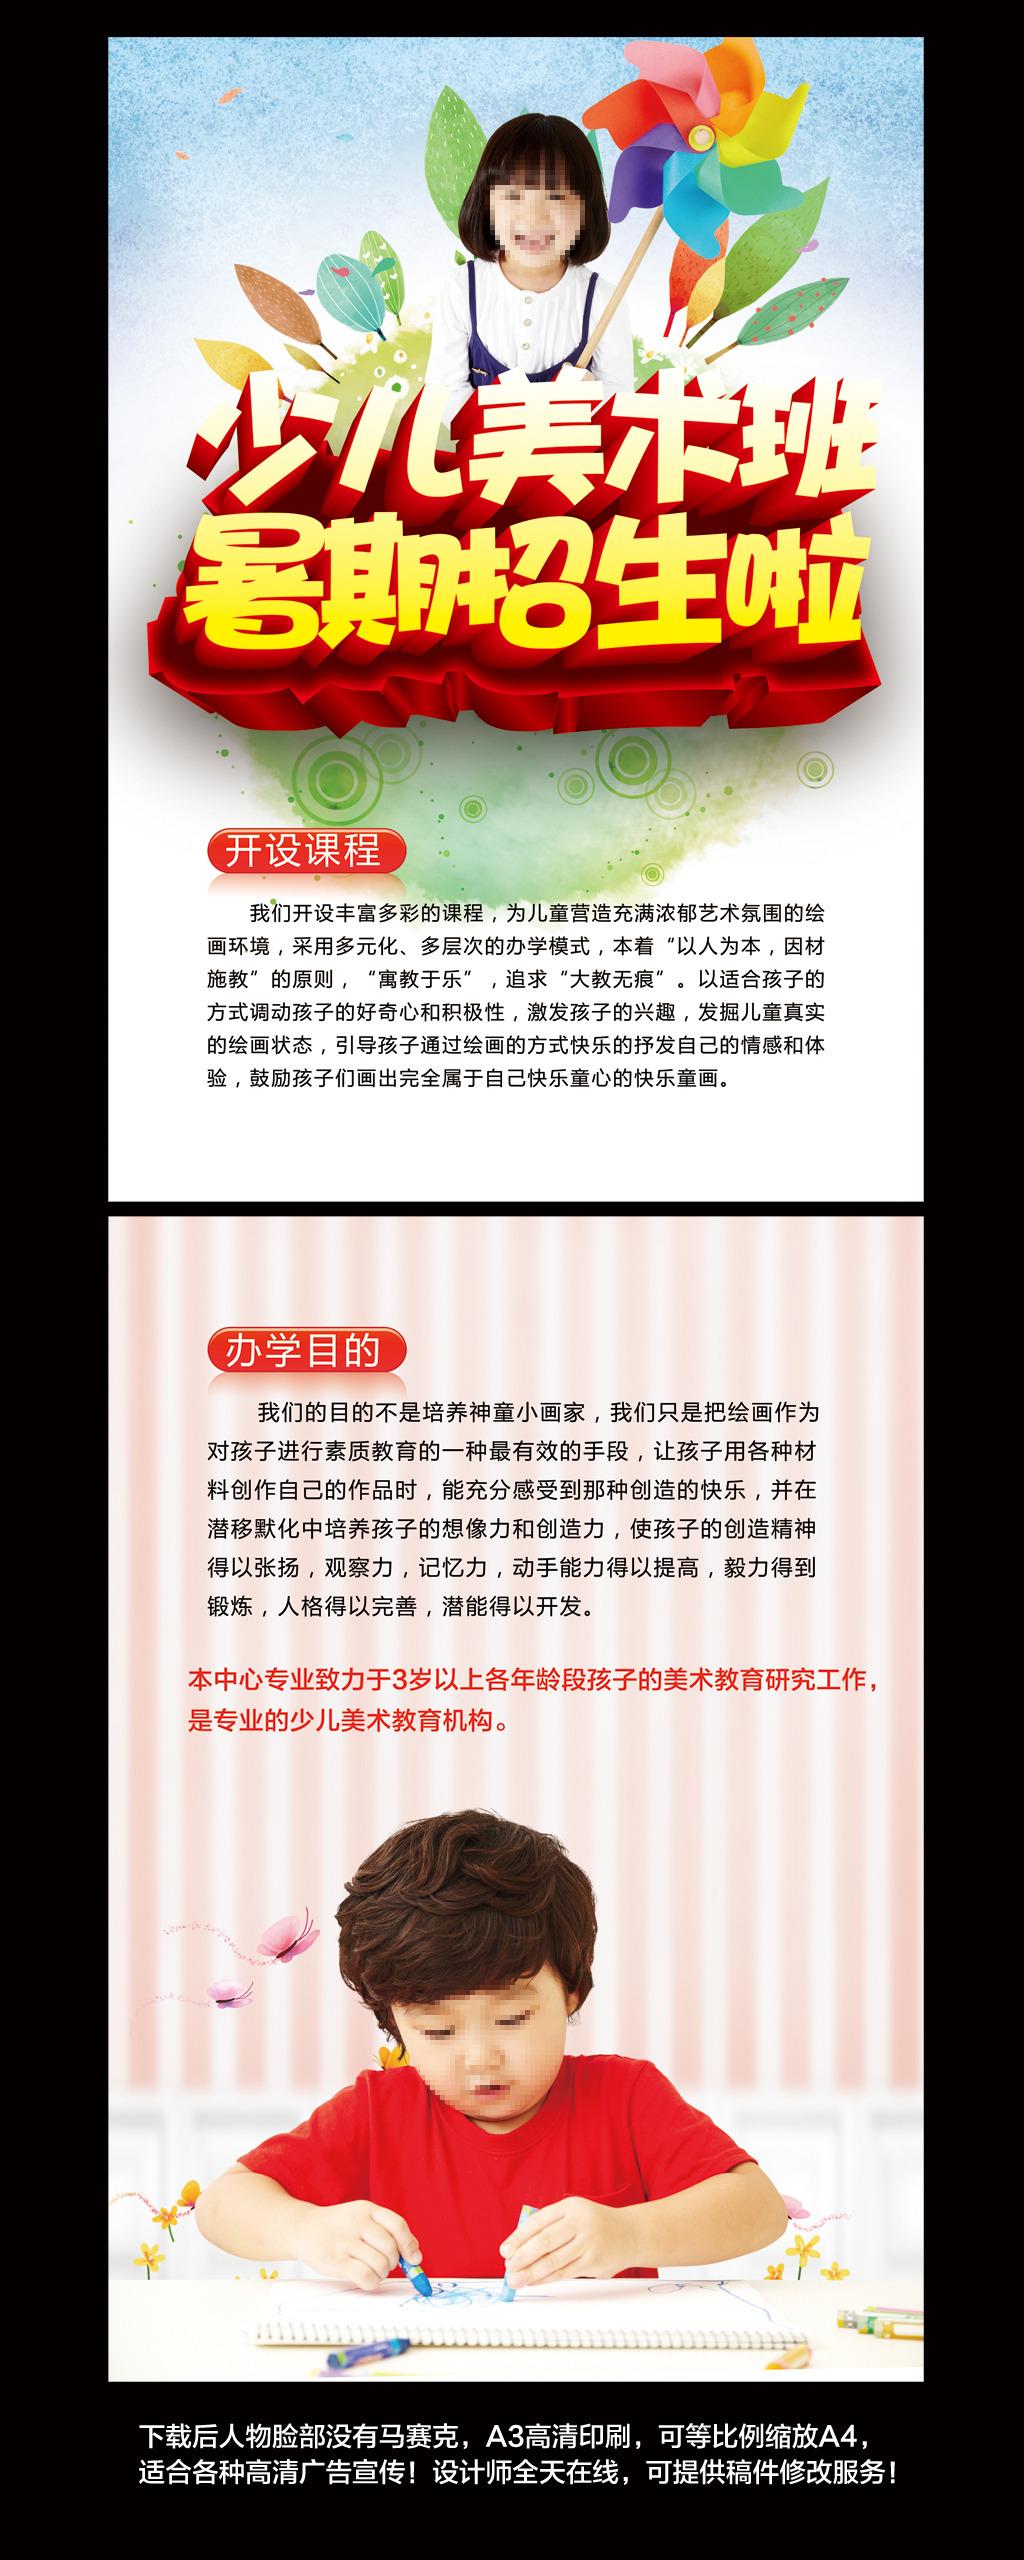 美术班招生宣传单暑期暑假培训辅导模板下载(图片编号